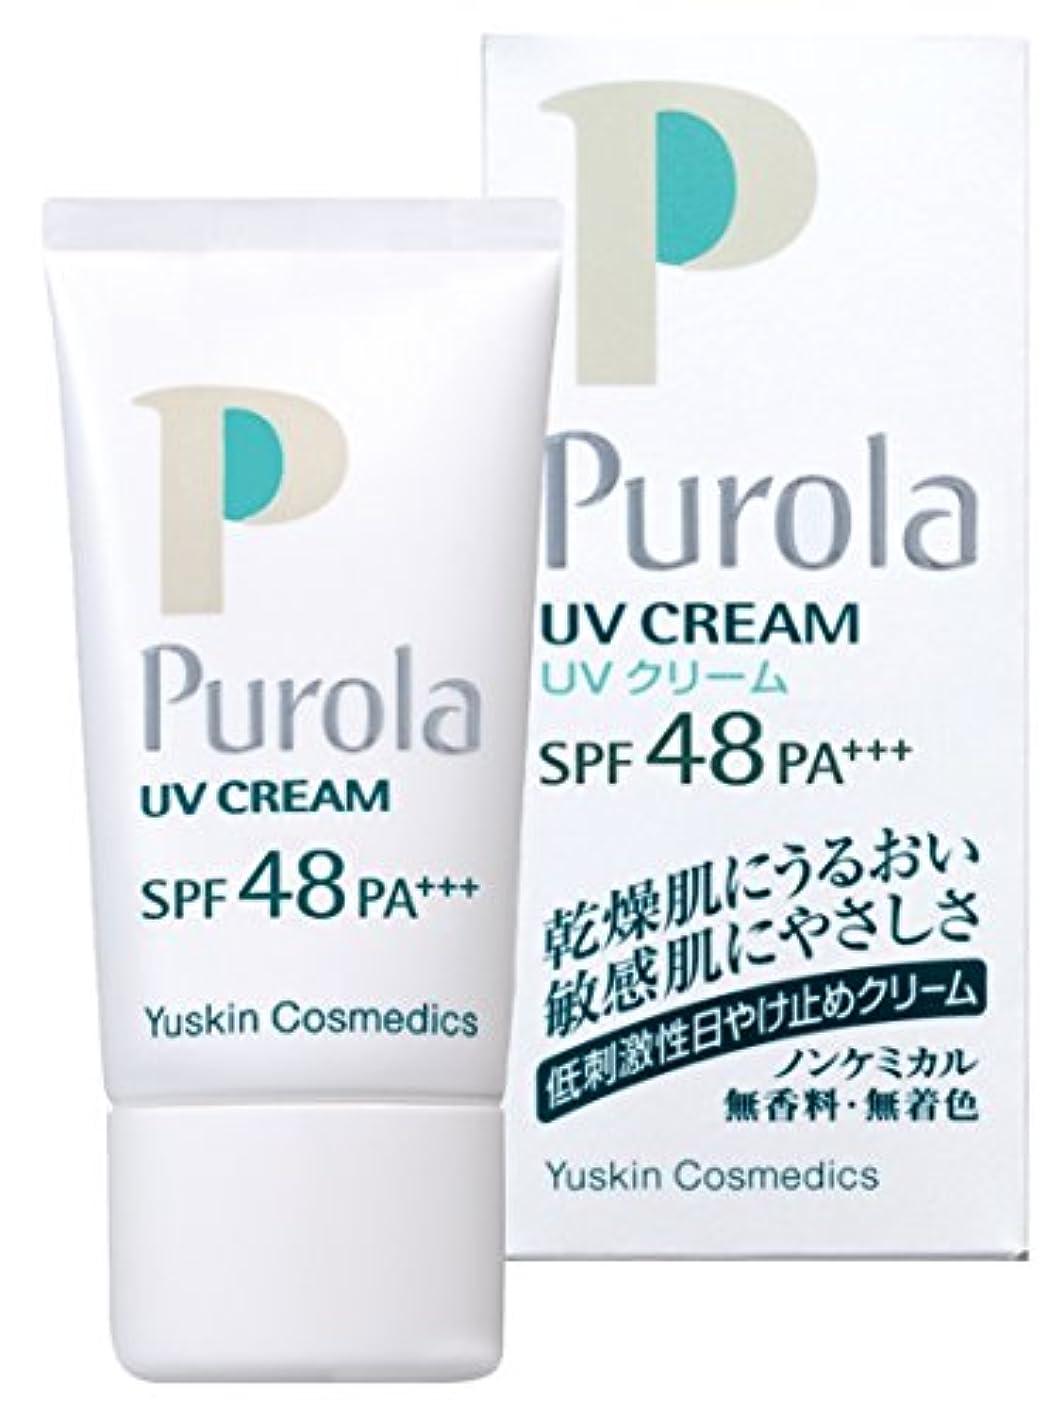 エンドテーブルボールスタッフプローラ UVクリーム 30g SPF48 PA+++ (敏感肌用 日焼け止め)